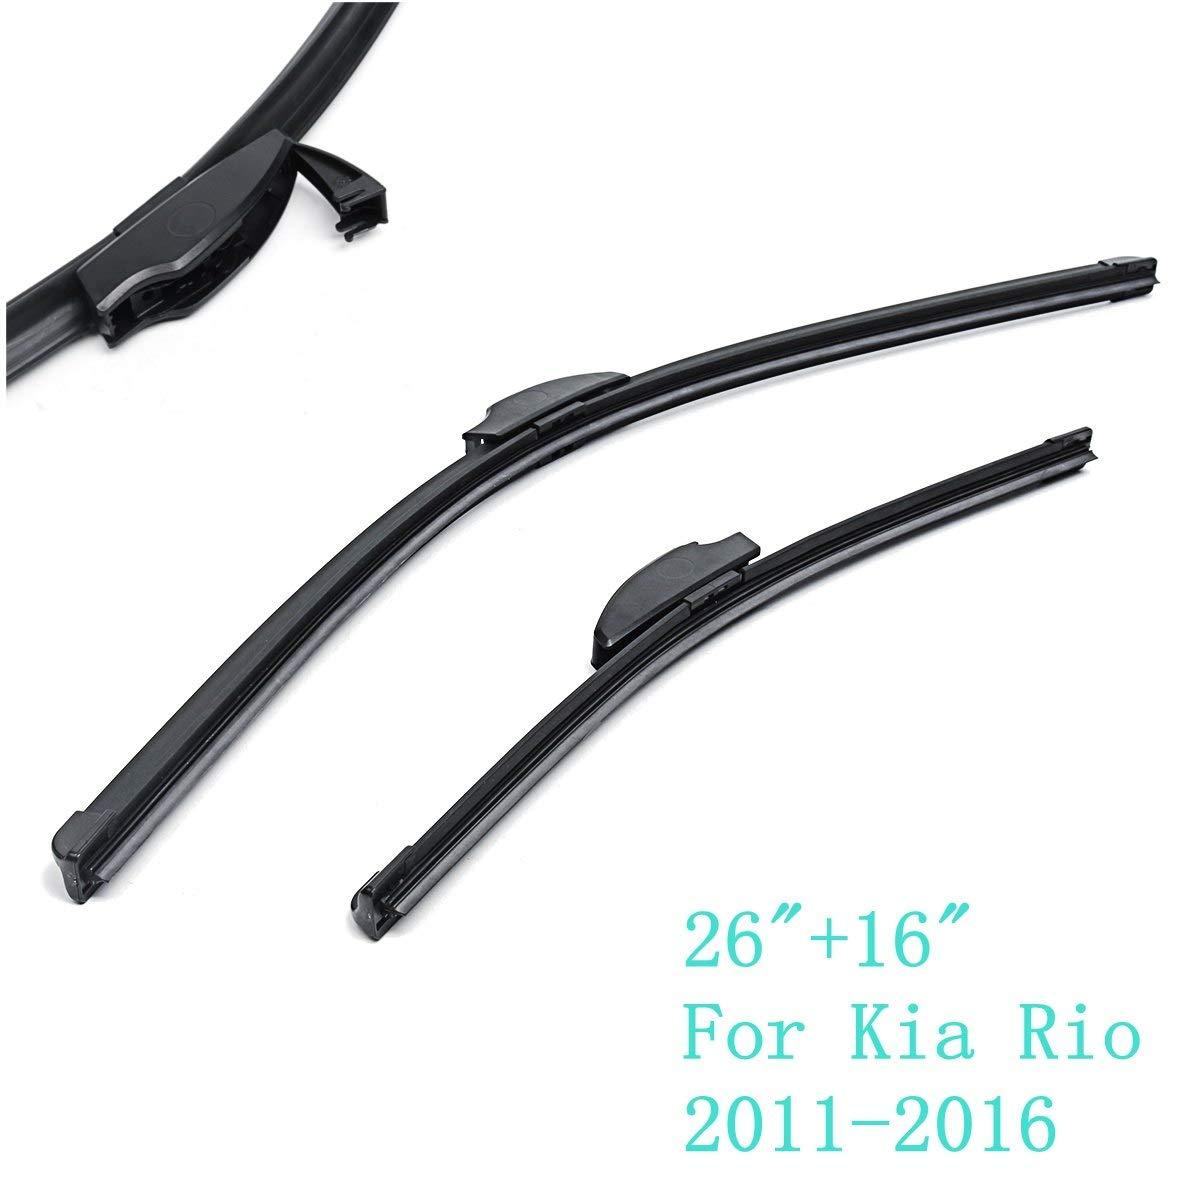 Escobillas limpiaparabrisas de caucho natural para Kia Rio 2011 2012 2013 2014 2015 2016: Amazon.es: Bricolaje y herramientas